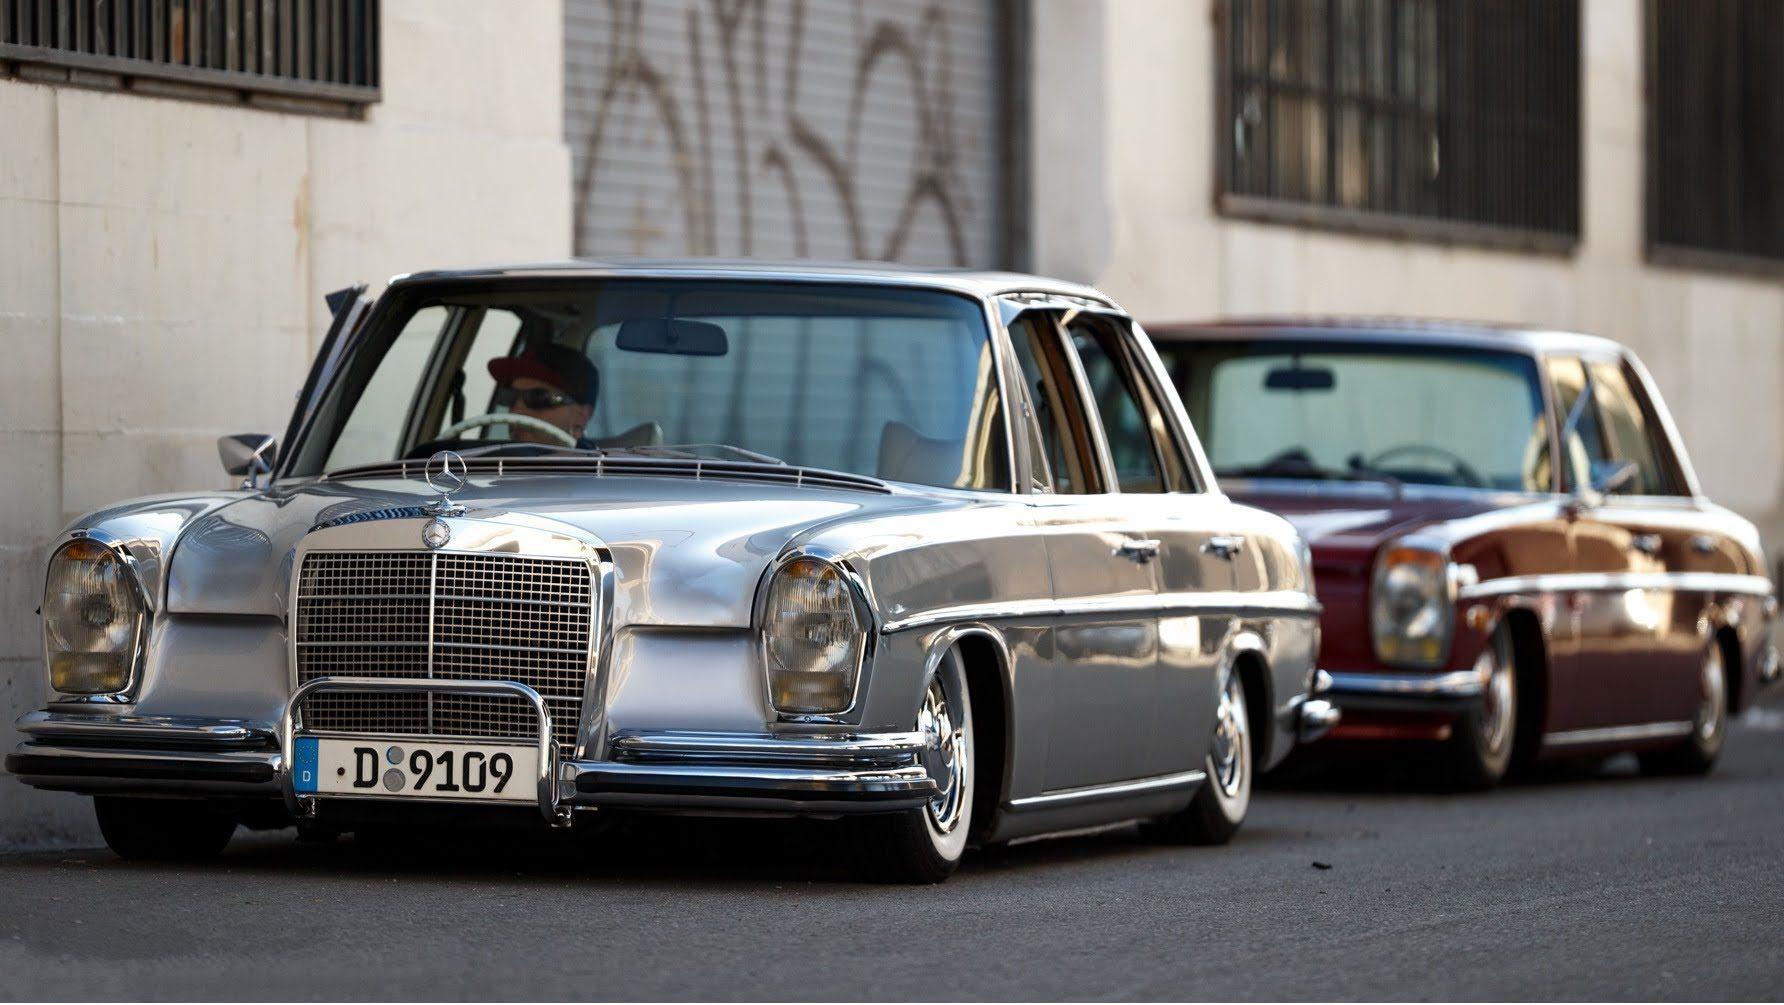 1972 Mercedes Benz 280SE 3.5 liter V8 https//www